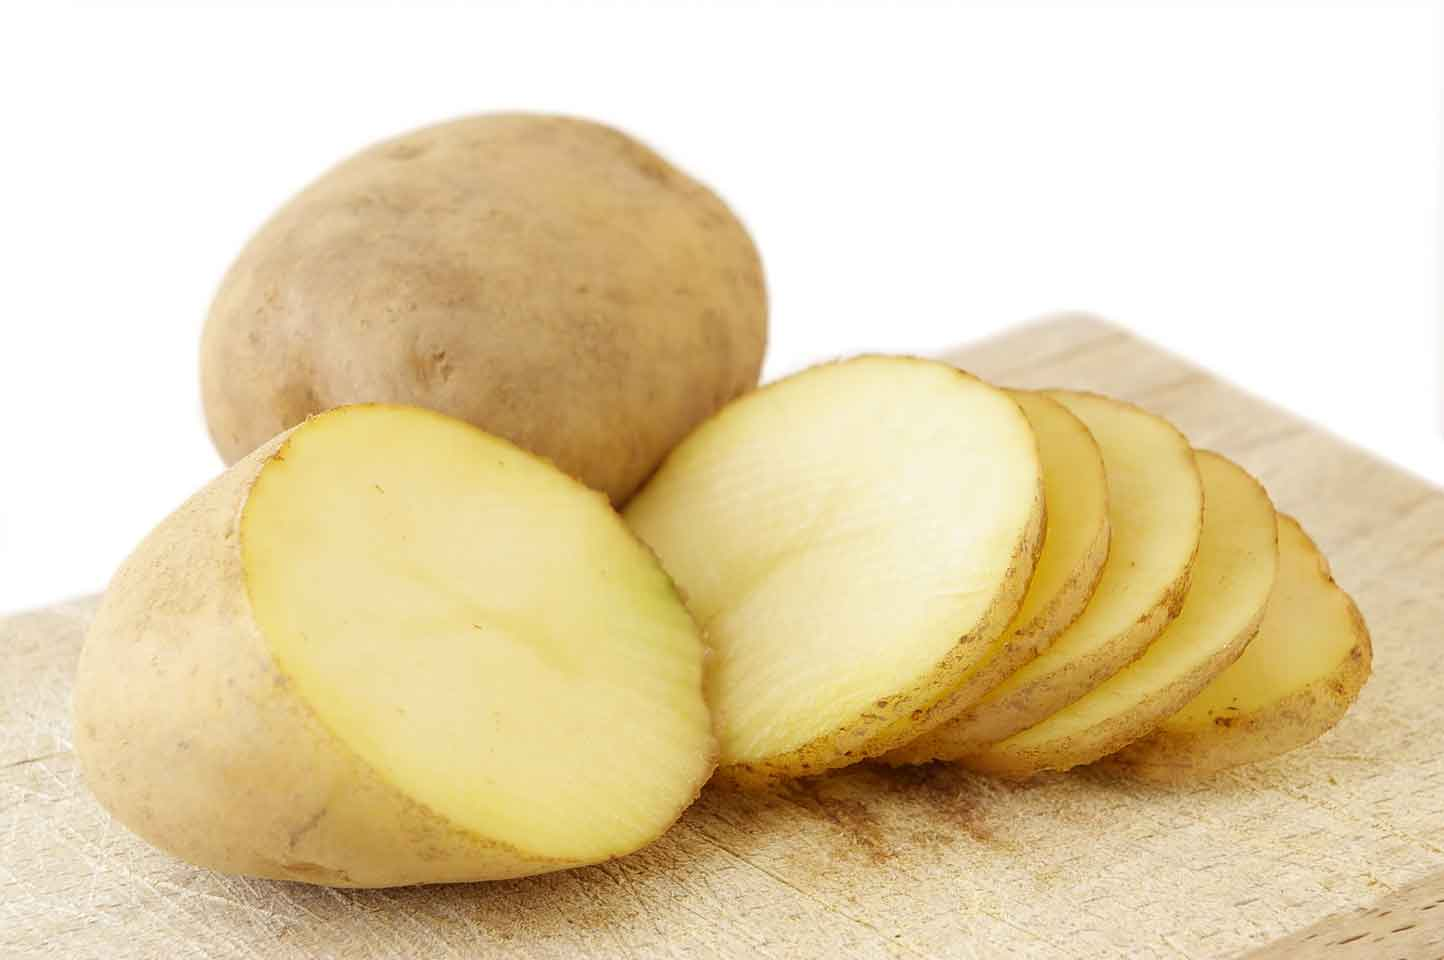 Tin tức trong ngày 23/5: Sai lầm chết người khi ăn khoai tây